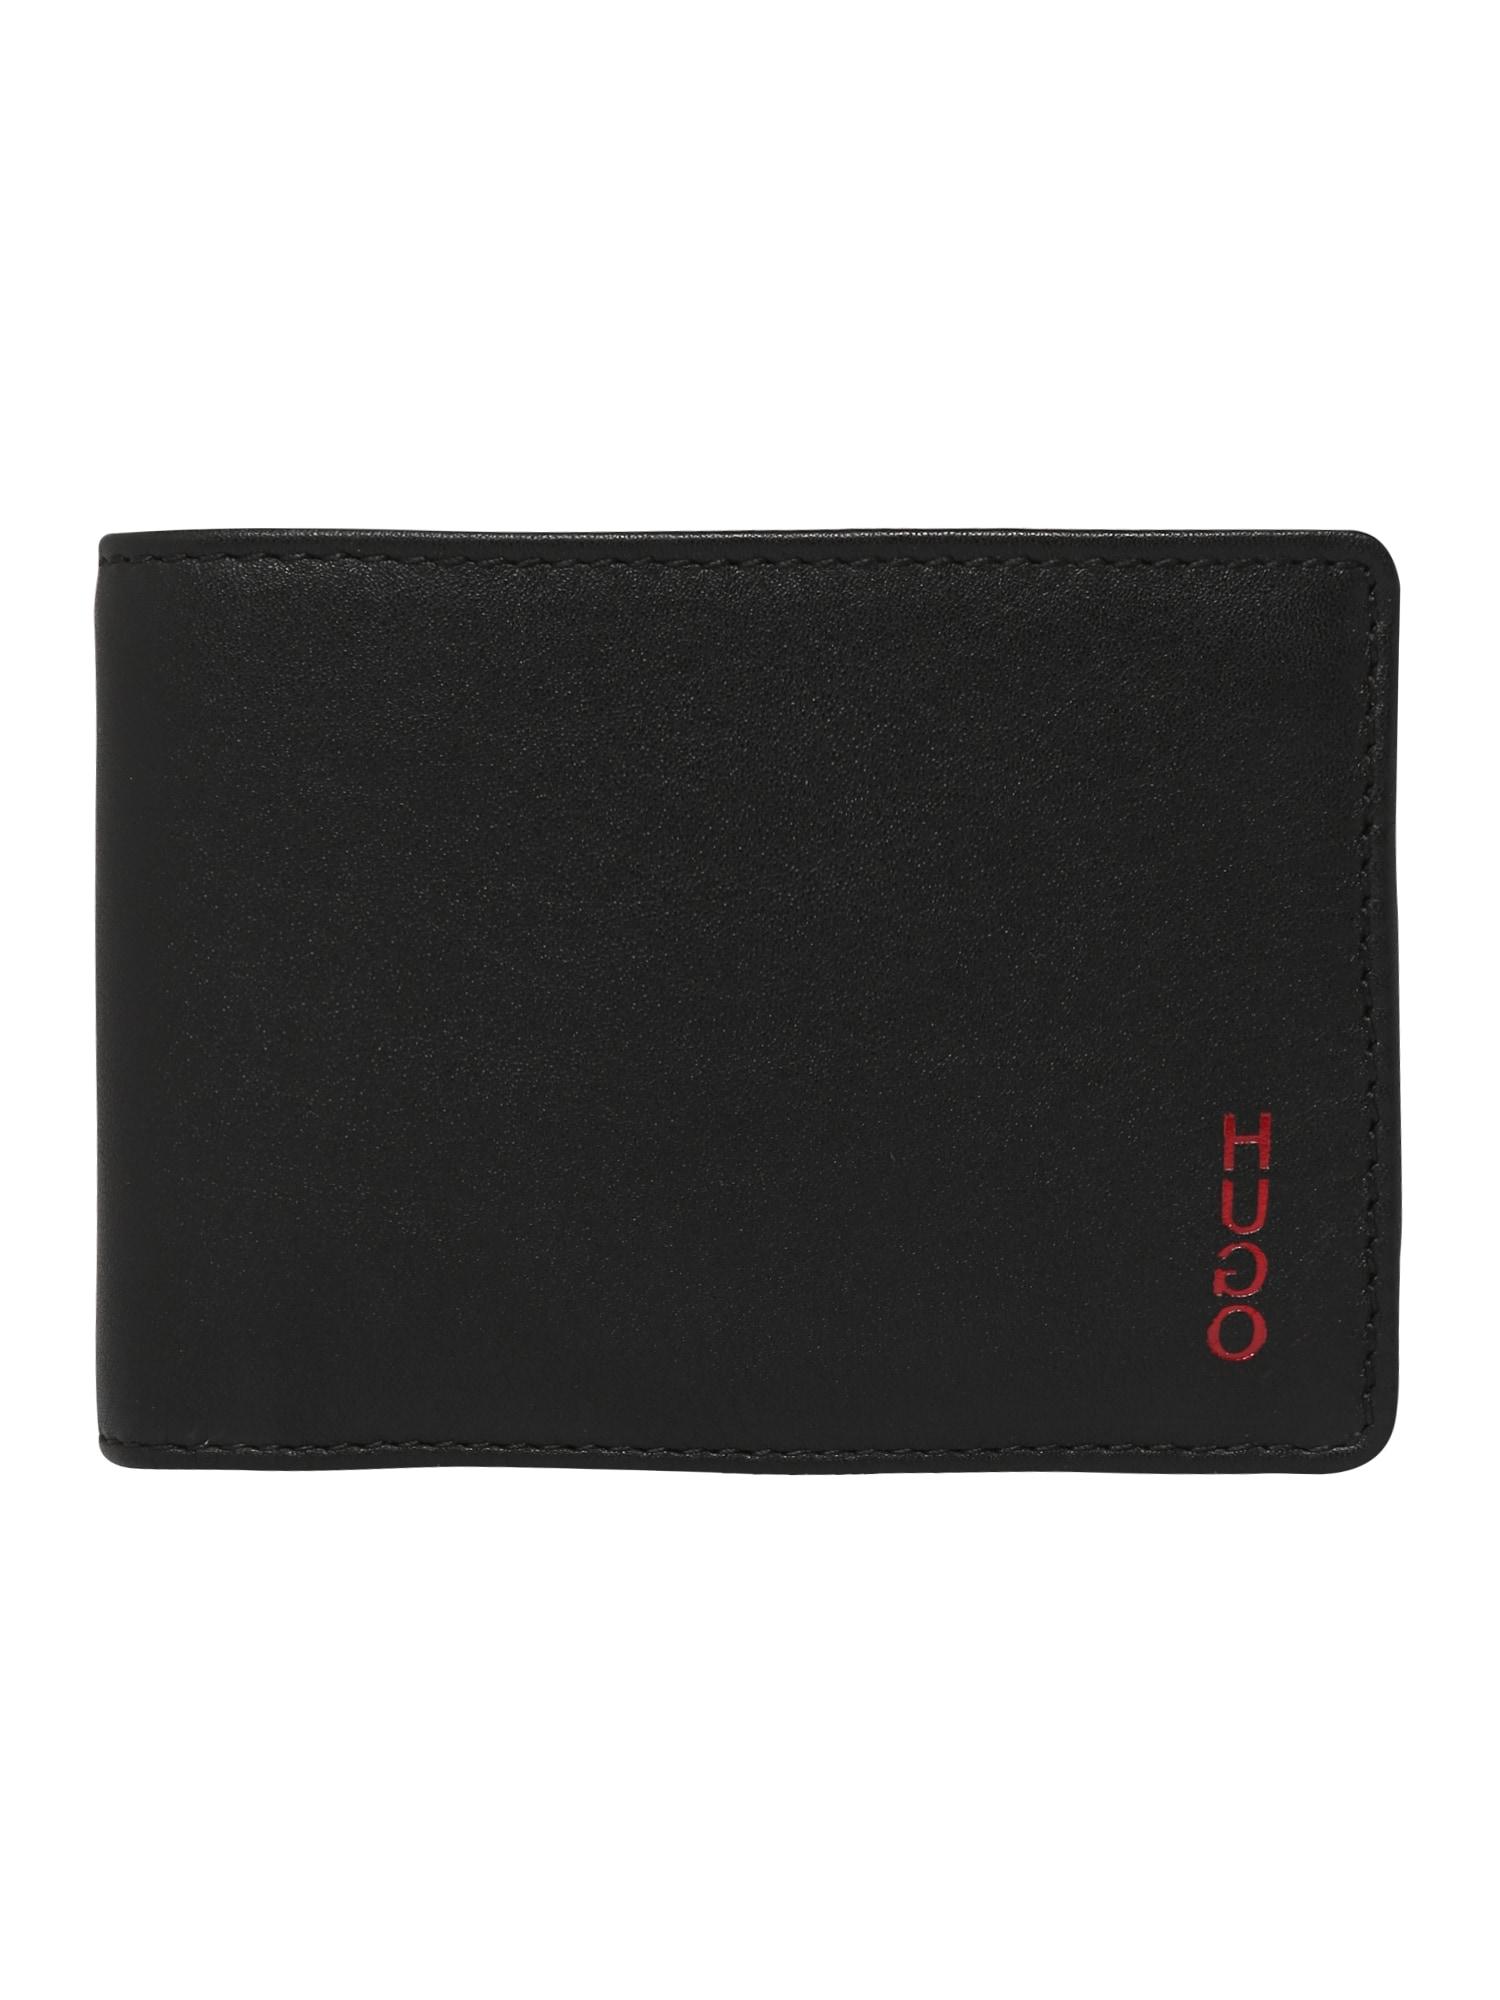 Peněženka Subway VL_6 cc flap černá HUGO